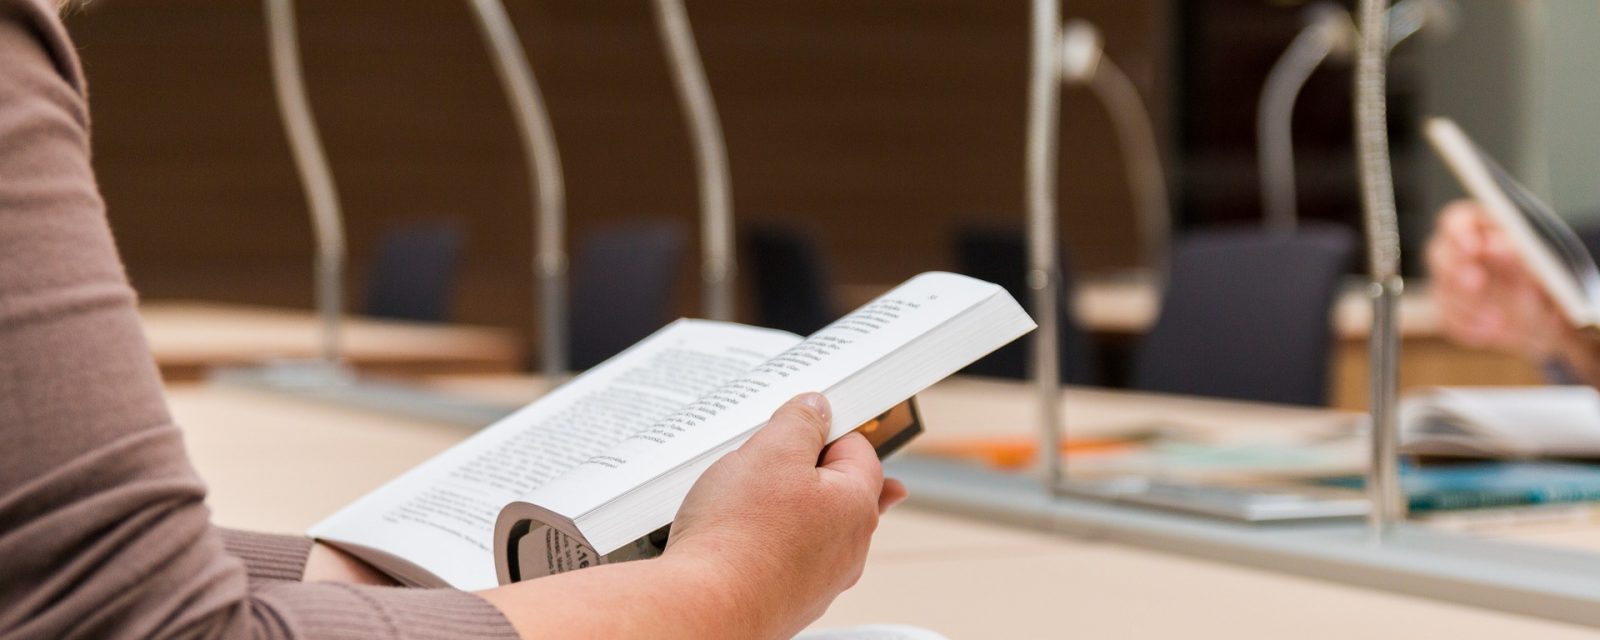 Concours et Examens professionnalisés réservés ITRF - Session 2018